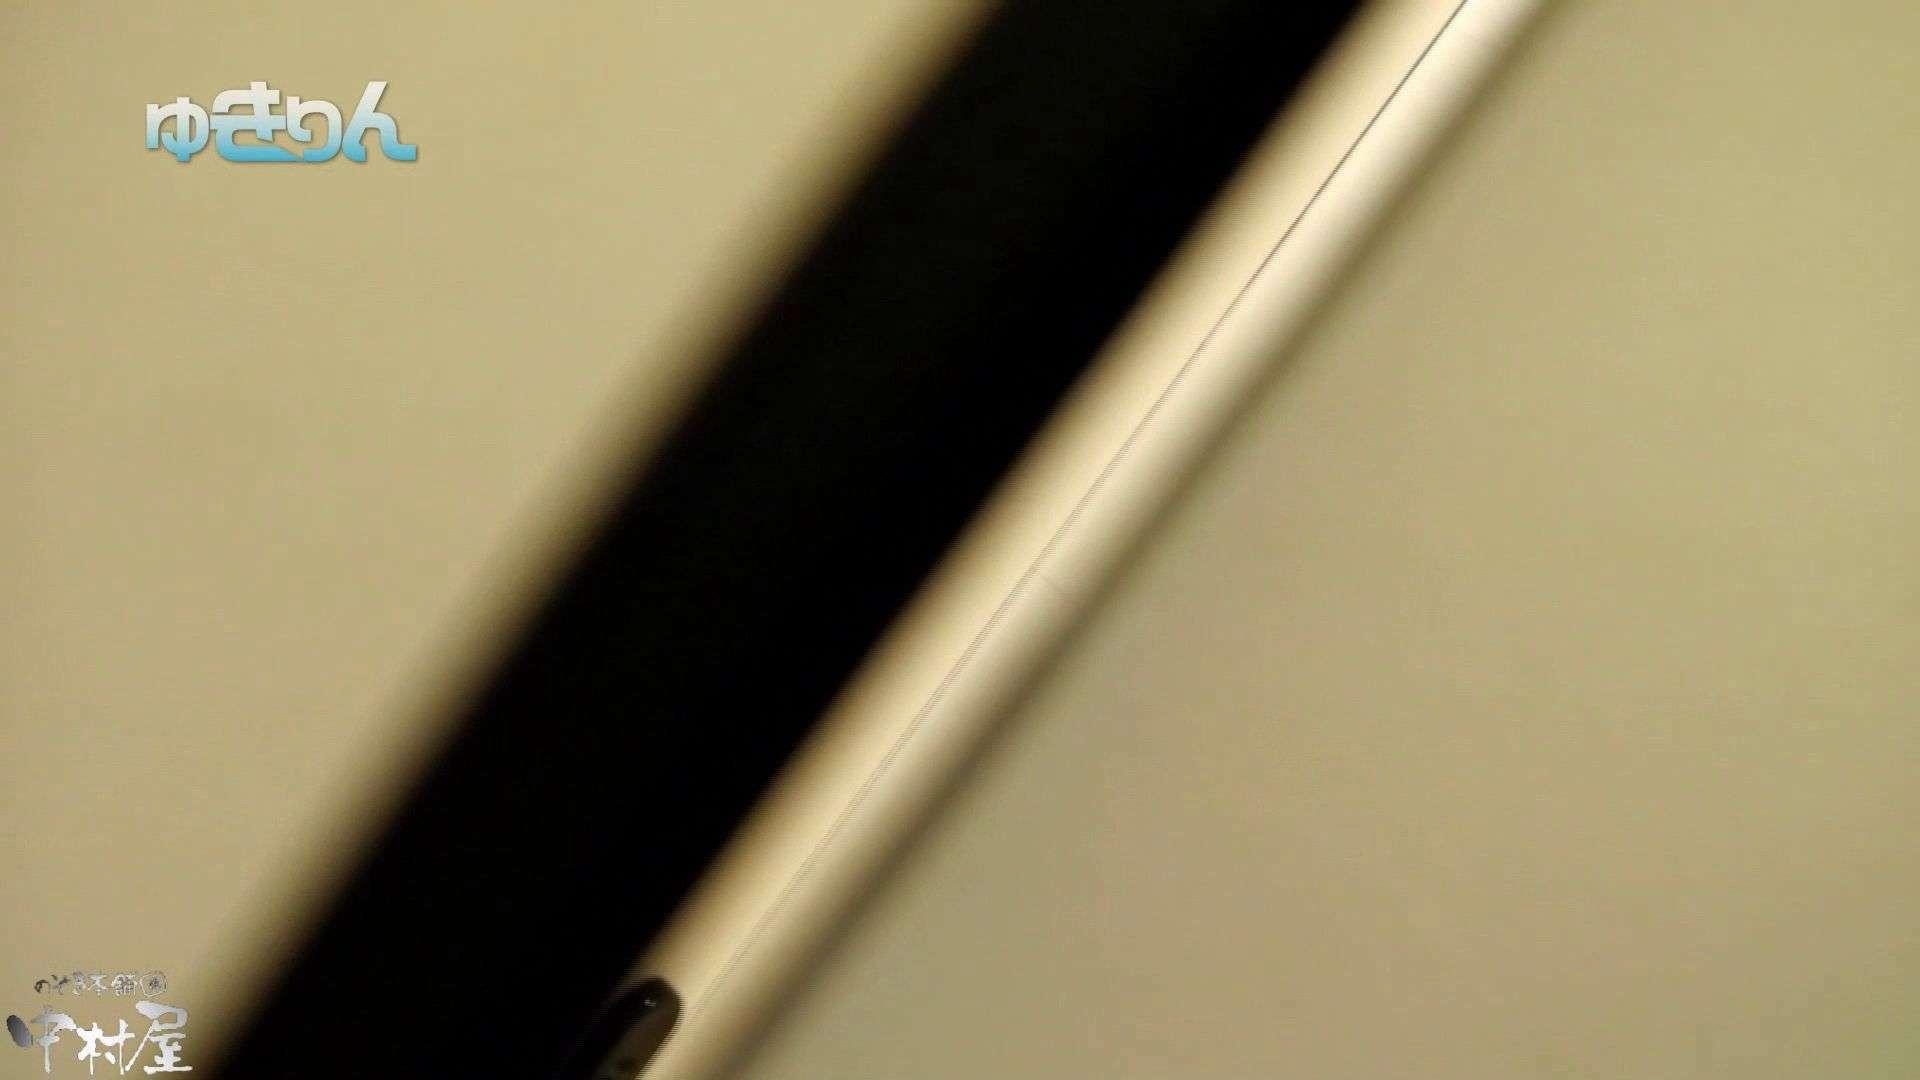 【世界の射窓から~ステーション編~】ステーション編 vol54 便秘のせいで長蛇の列、じっくり撮らせて頂きました後編 HなOL | 0  59pic 12